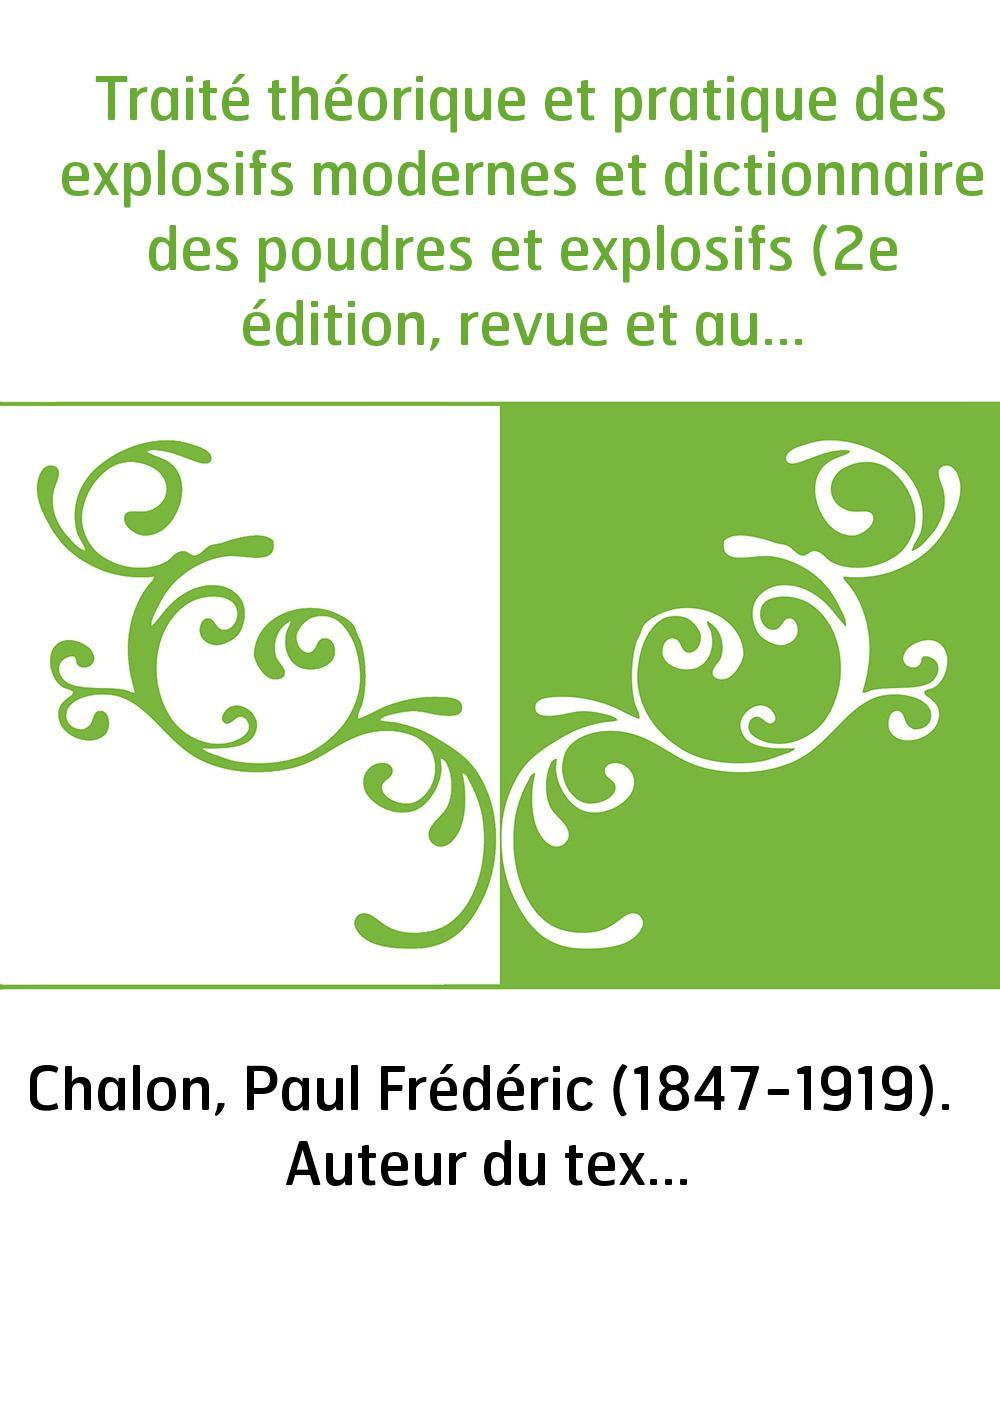 Traité théorique et pratique des explosifs modernes et dictionnaire des poudres et explosifs (2e édition, revue et augmentée) /